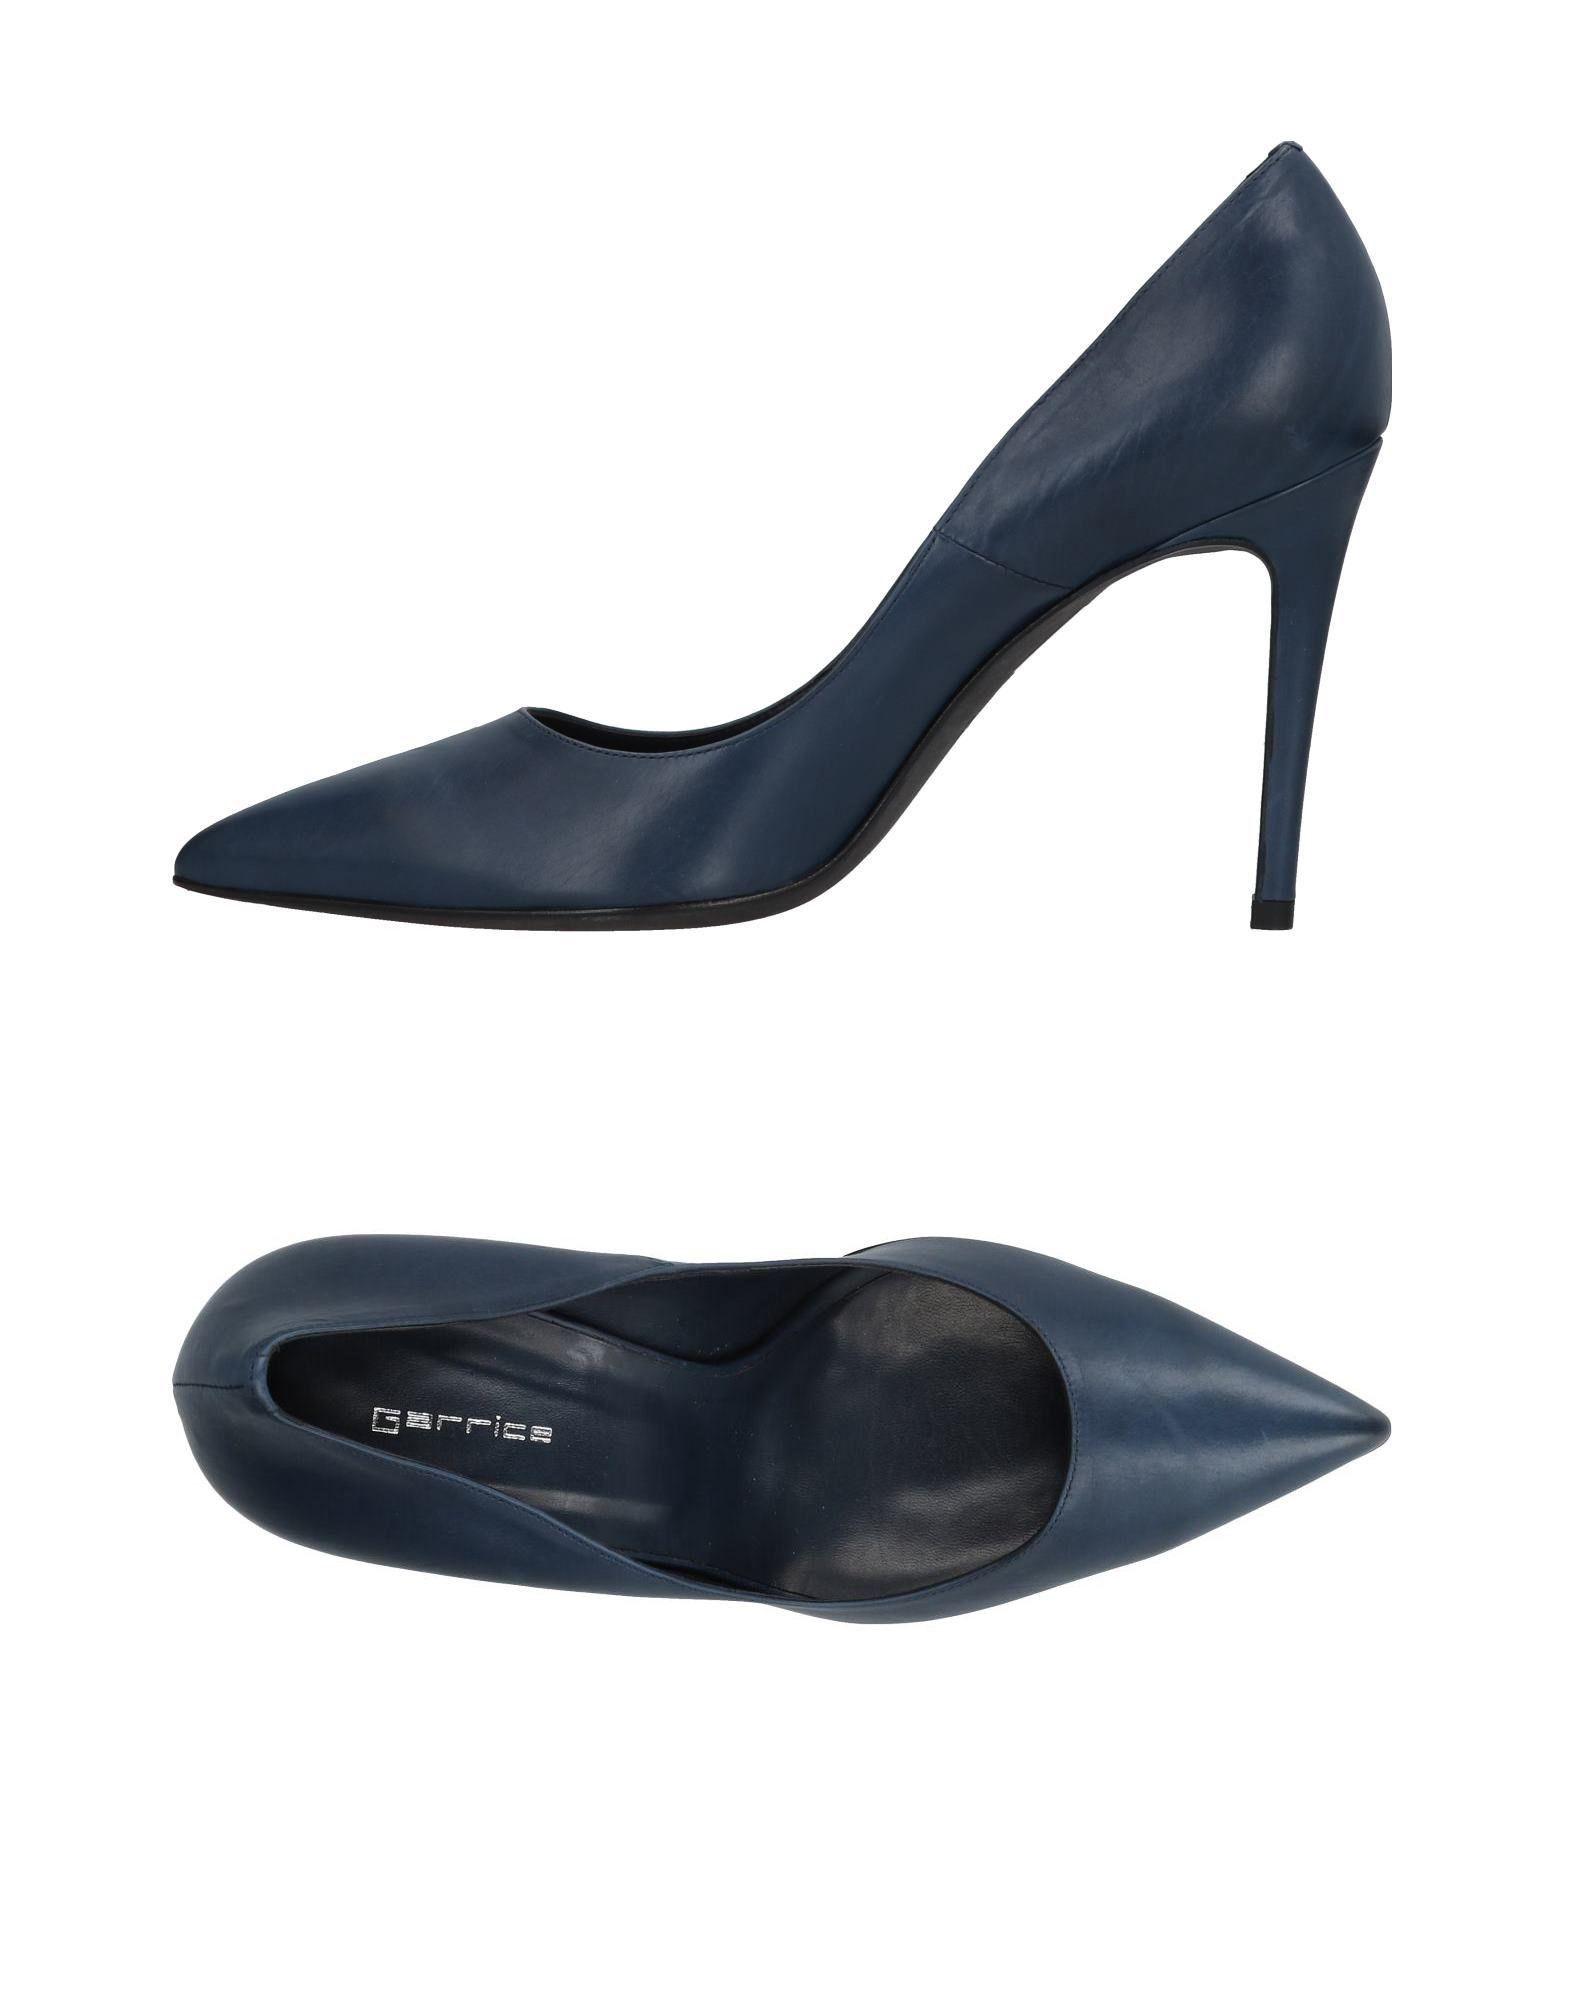 Garrice Pumps Damen  11418532XS Gute Qualität beliebte Schuhe